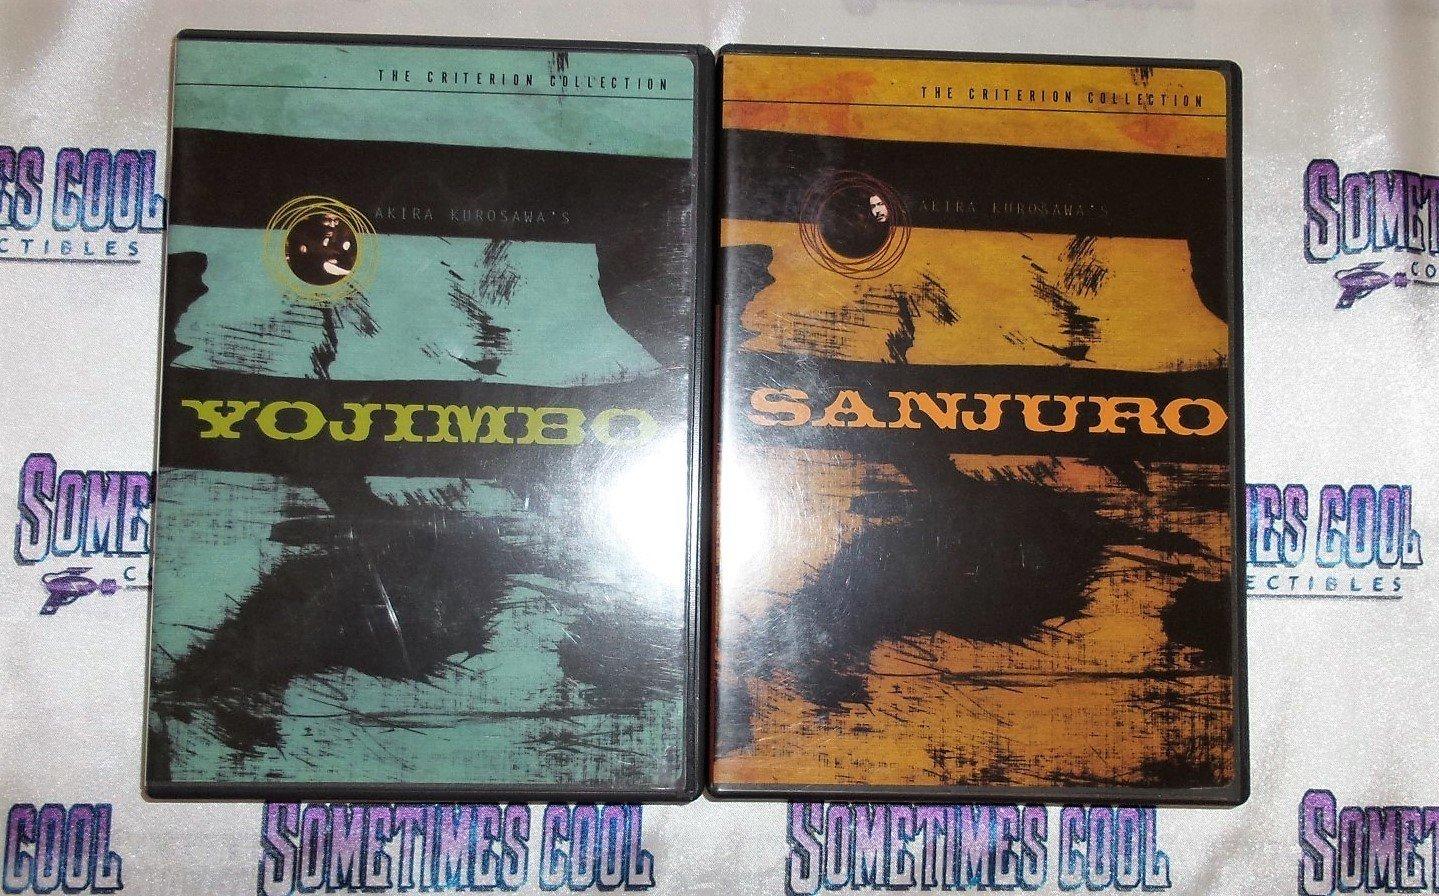 Yojimbo & Sanjuro - The Criterion Collection : DVD